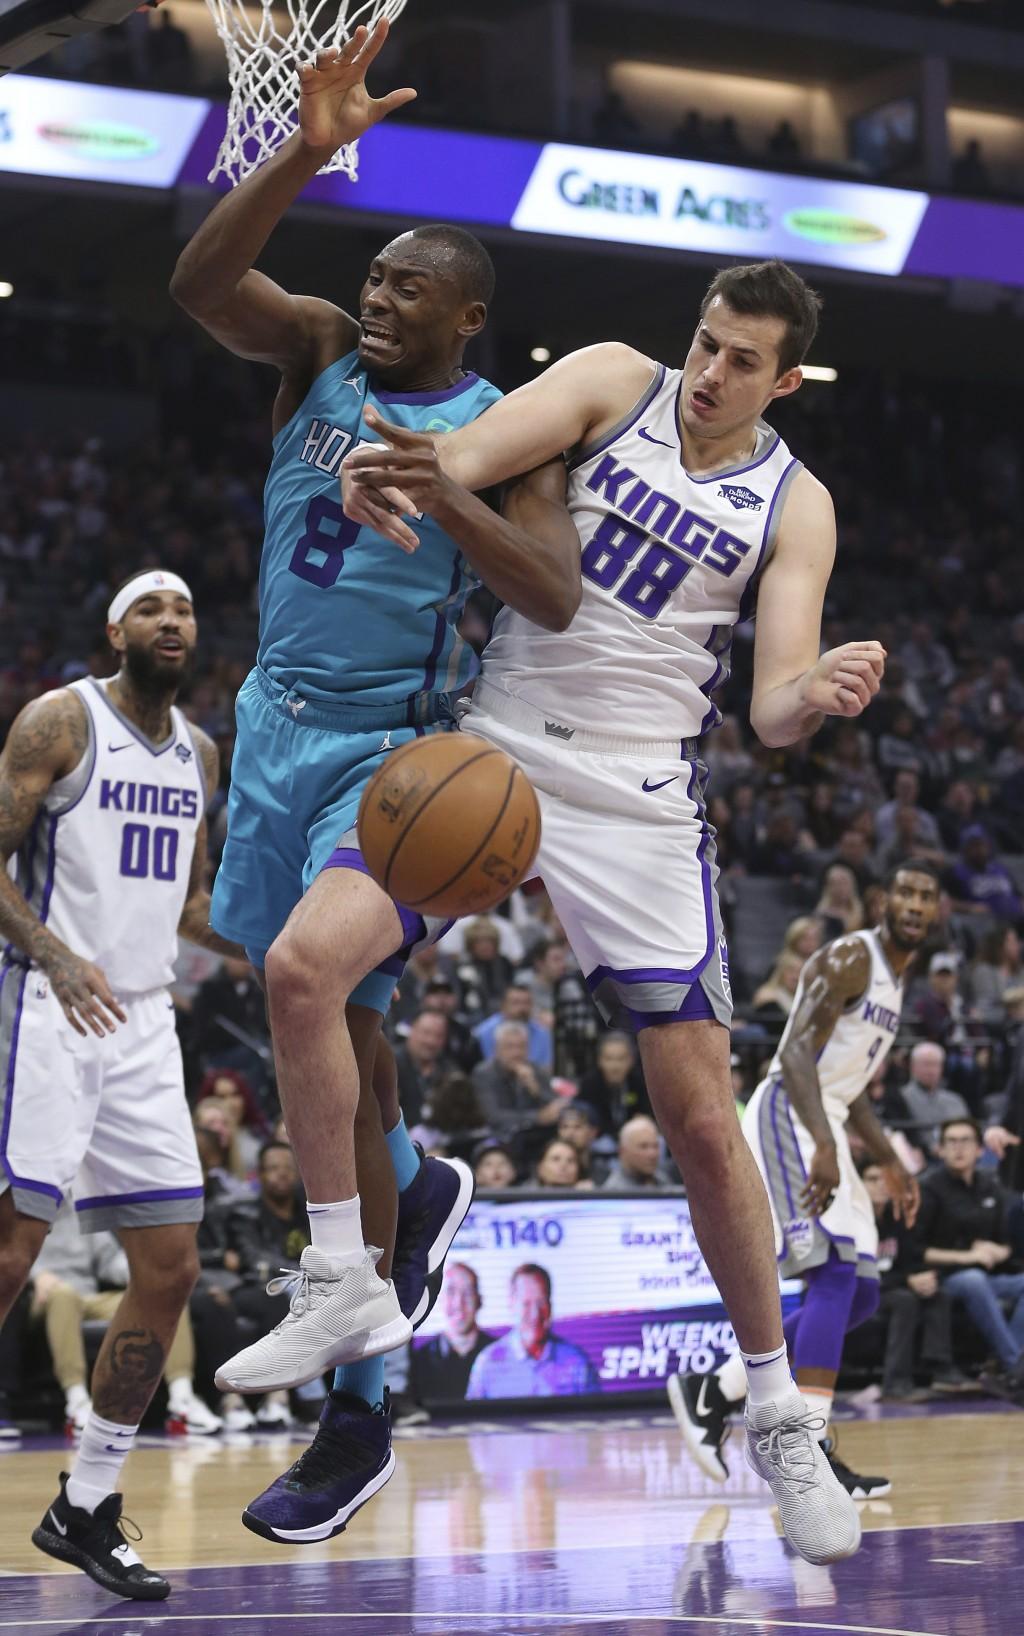 Charlotte Hornets center Bismack Biyombo, left, and Sacramento Kings forward Nemanja Bjelica, right, battle for the rebound during the first quarter o